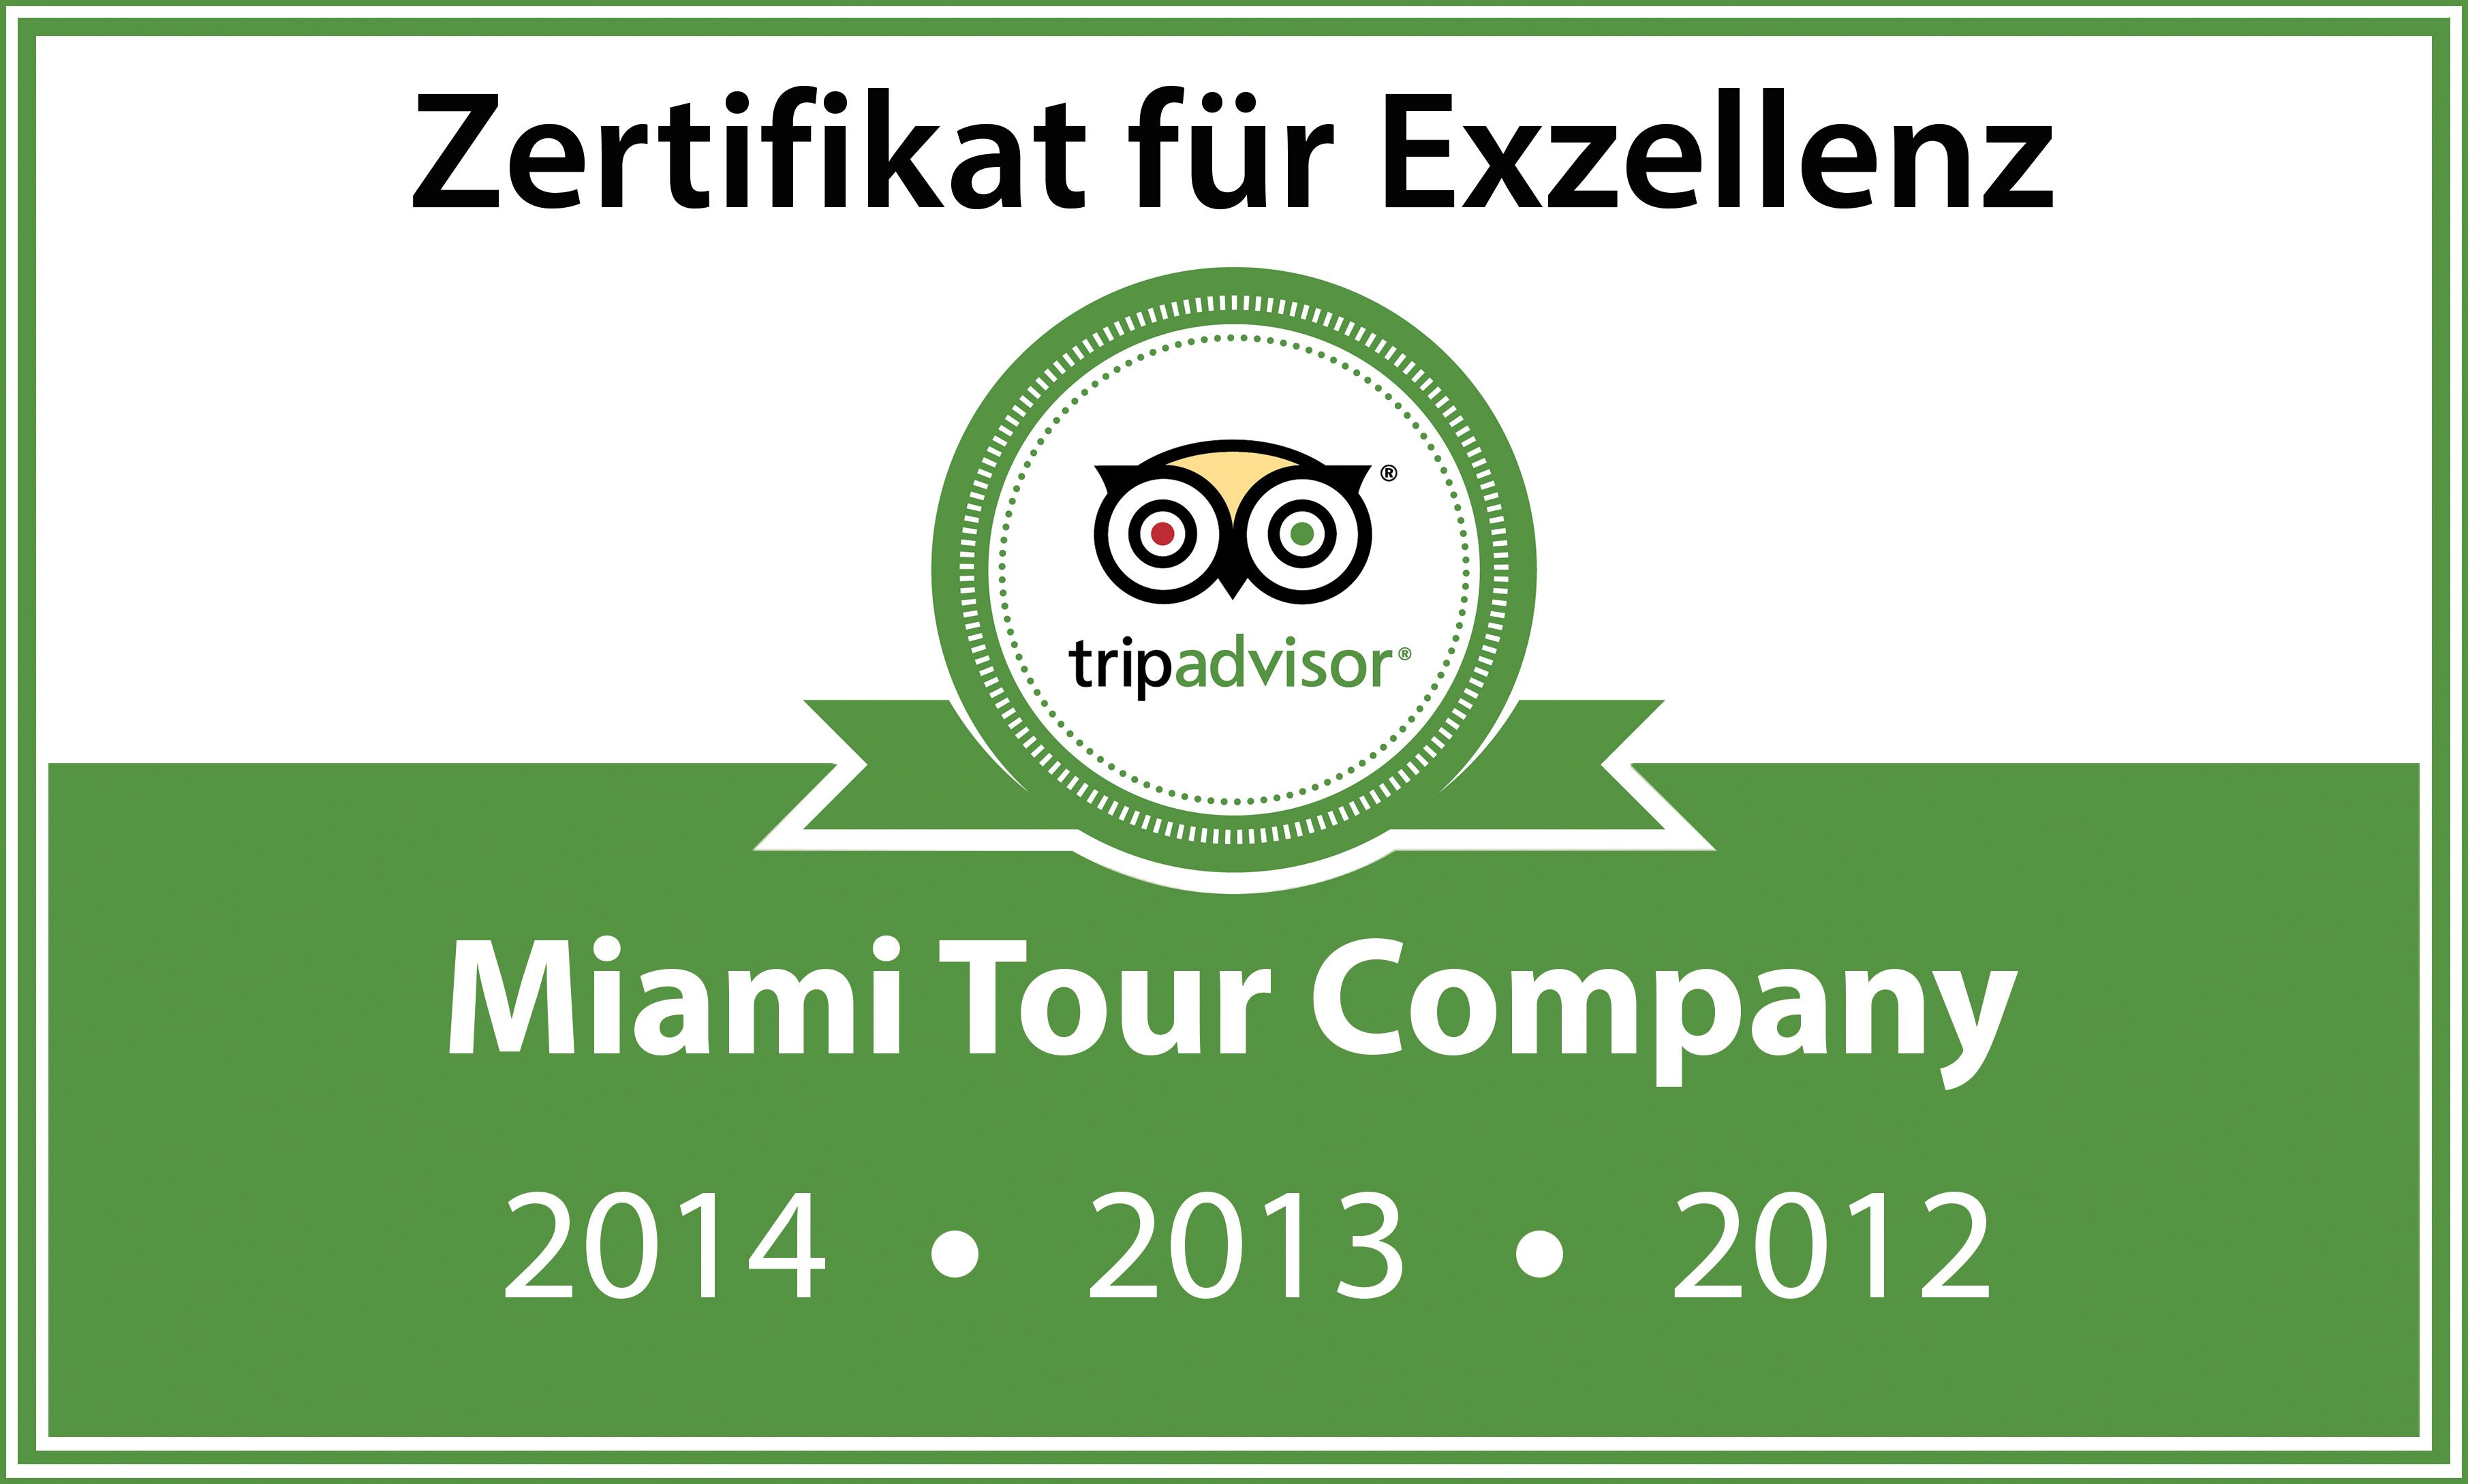 Zertifikat für Exzellenz von TripAdvisor wird für ausgezeichenete Kundenbeurteilung verleihen